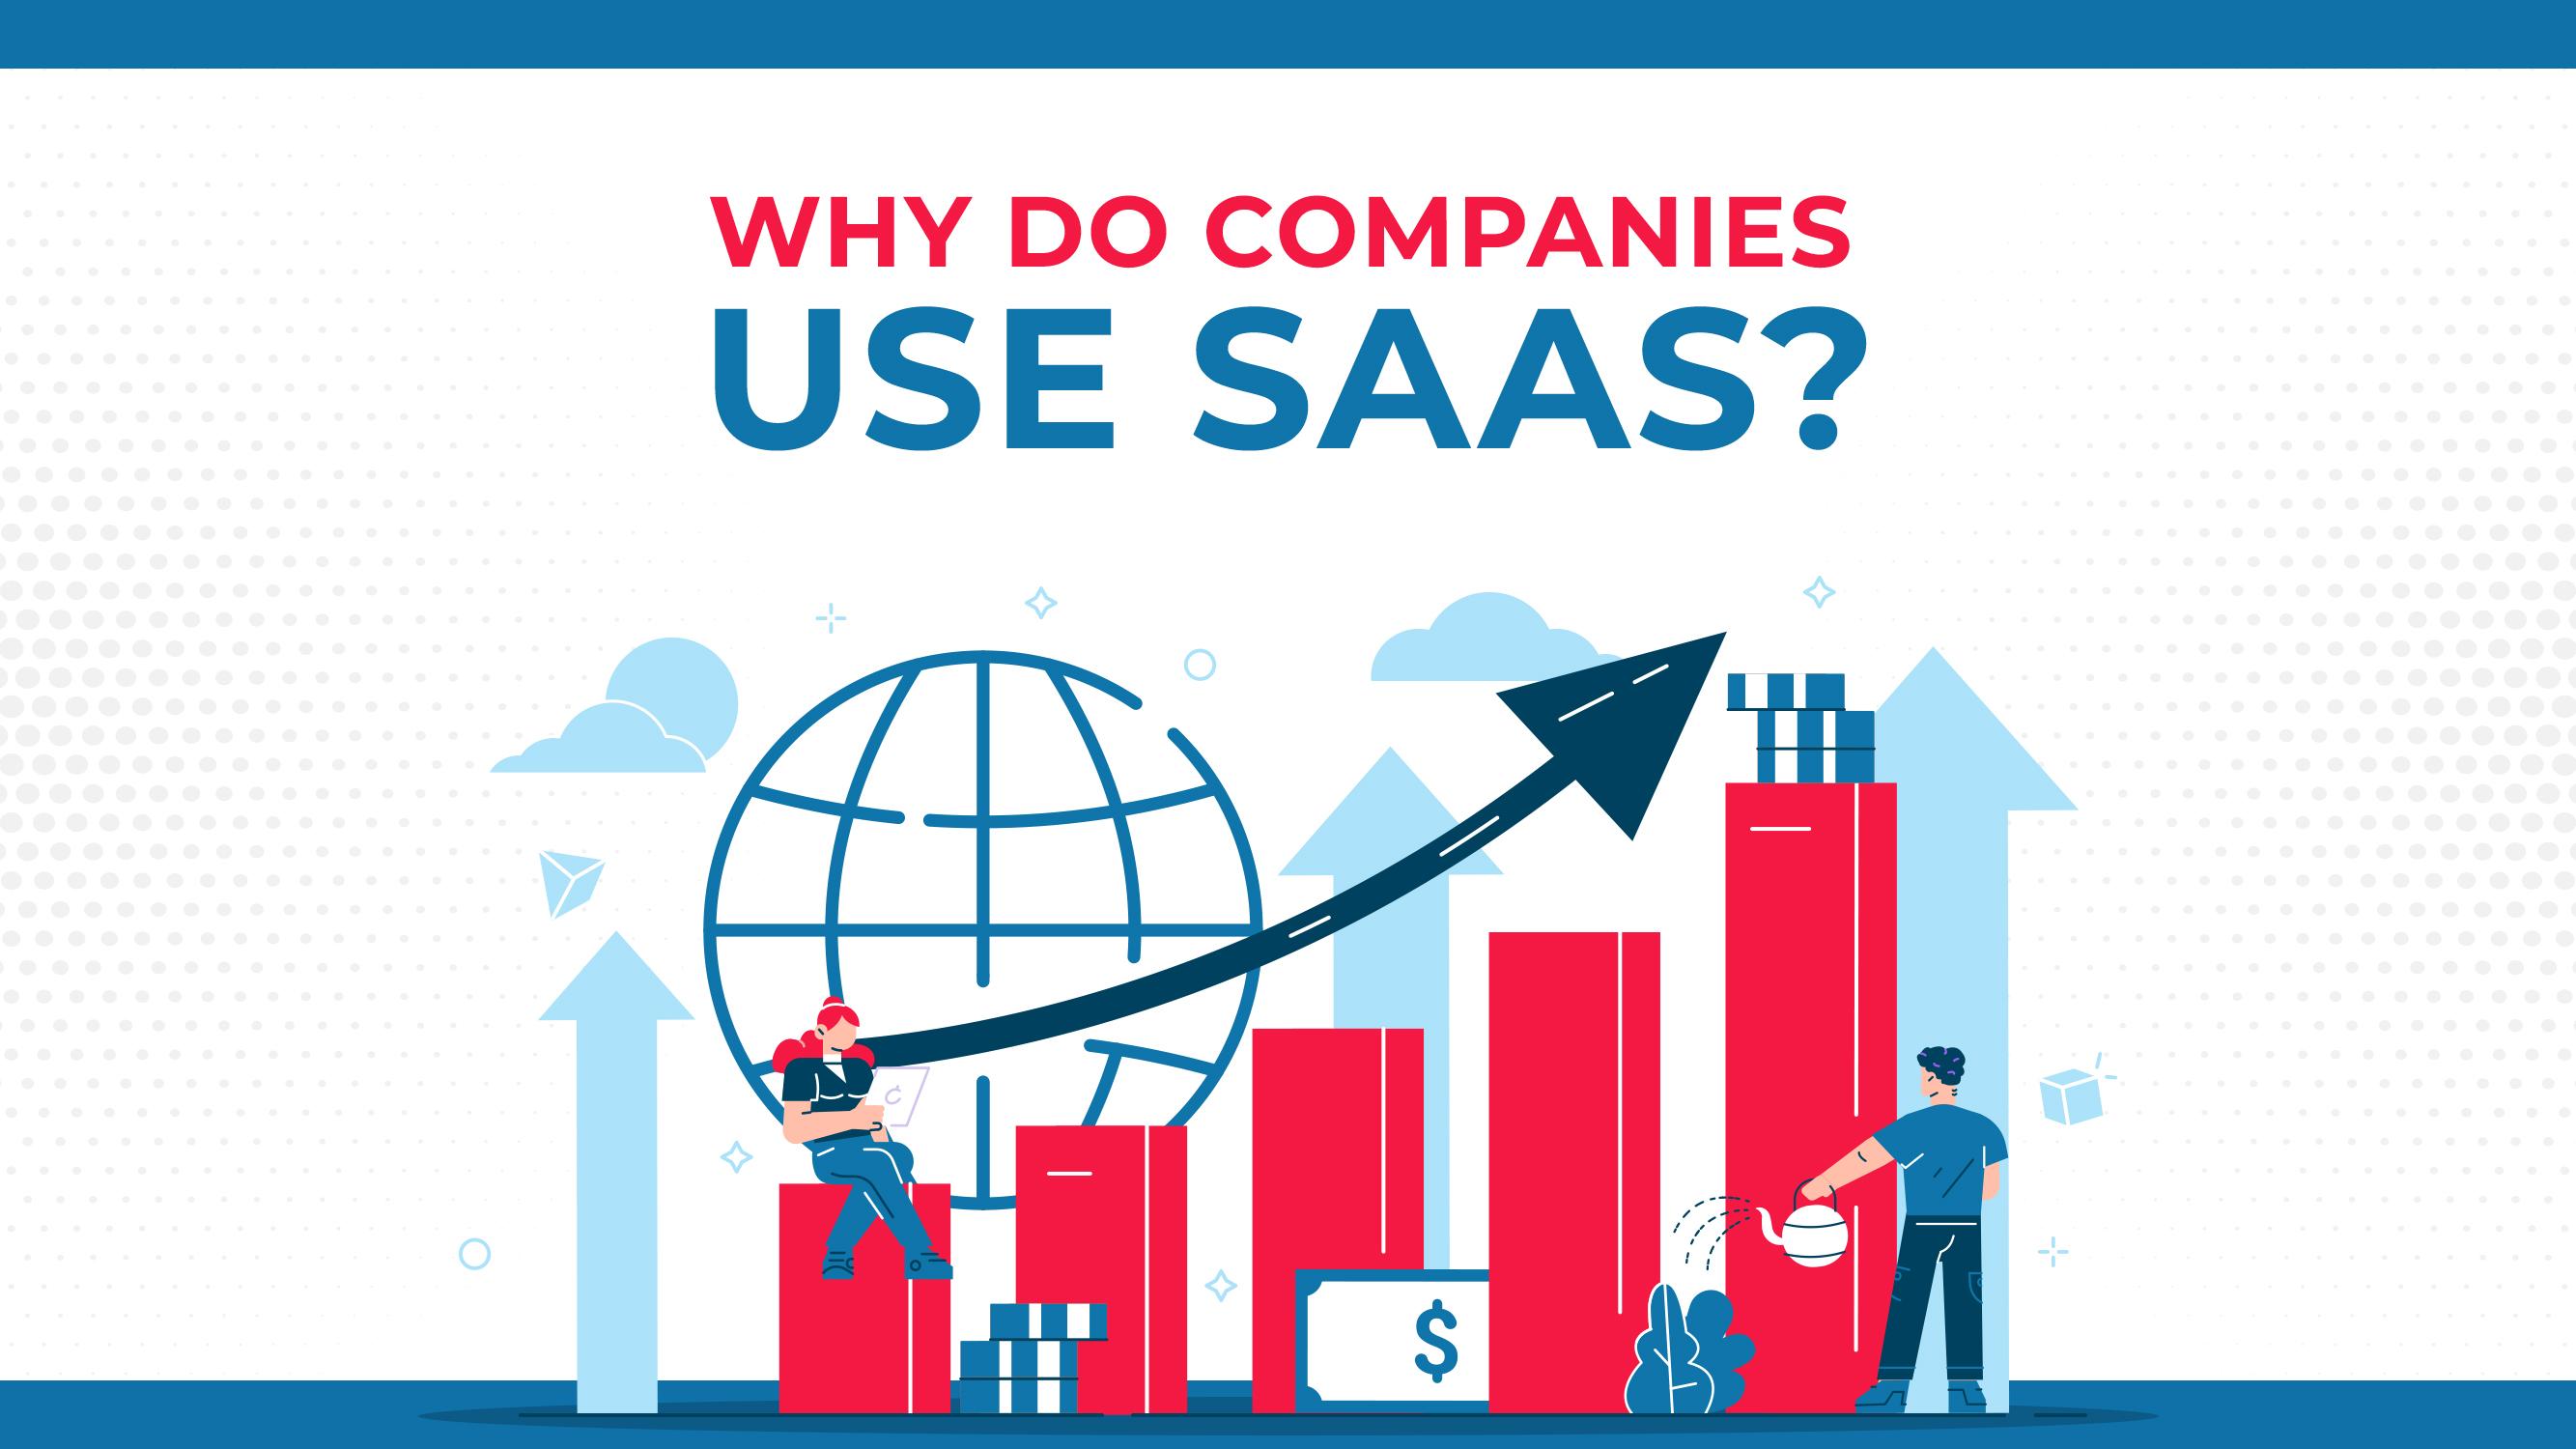 公司为什么要使用SAAS?